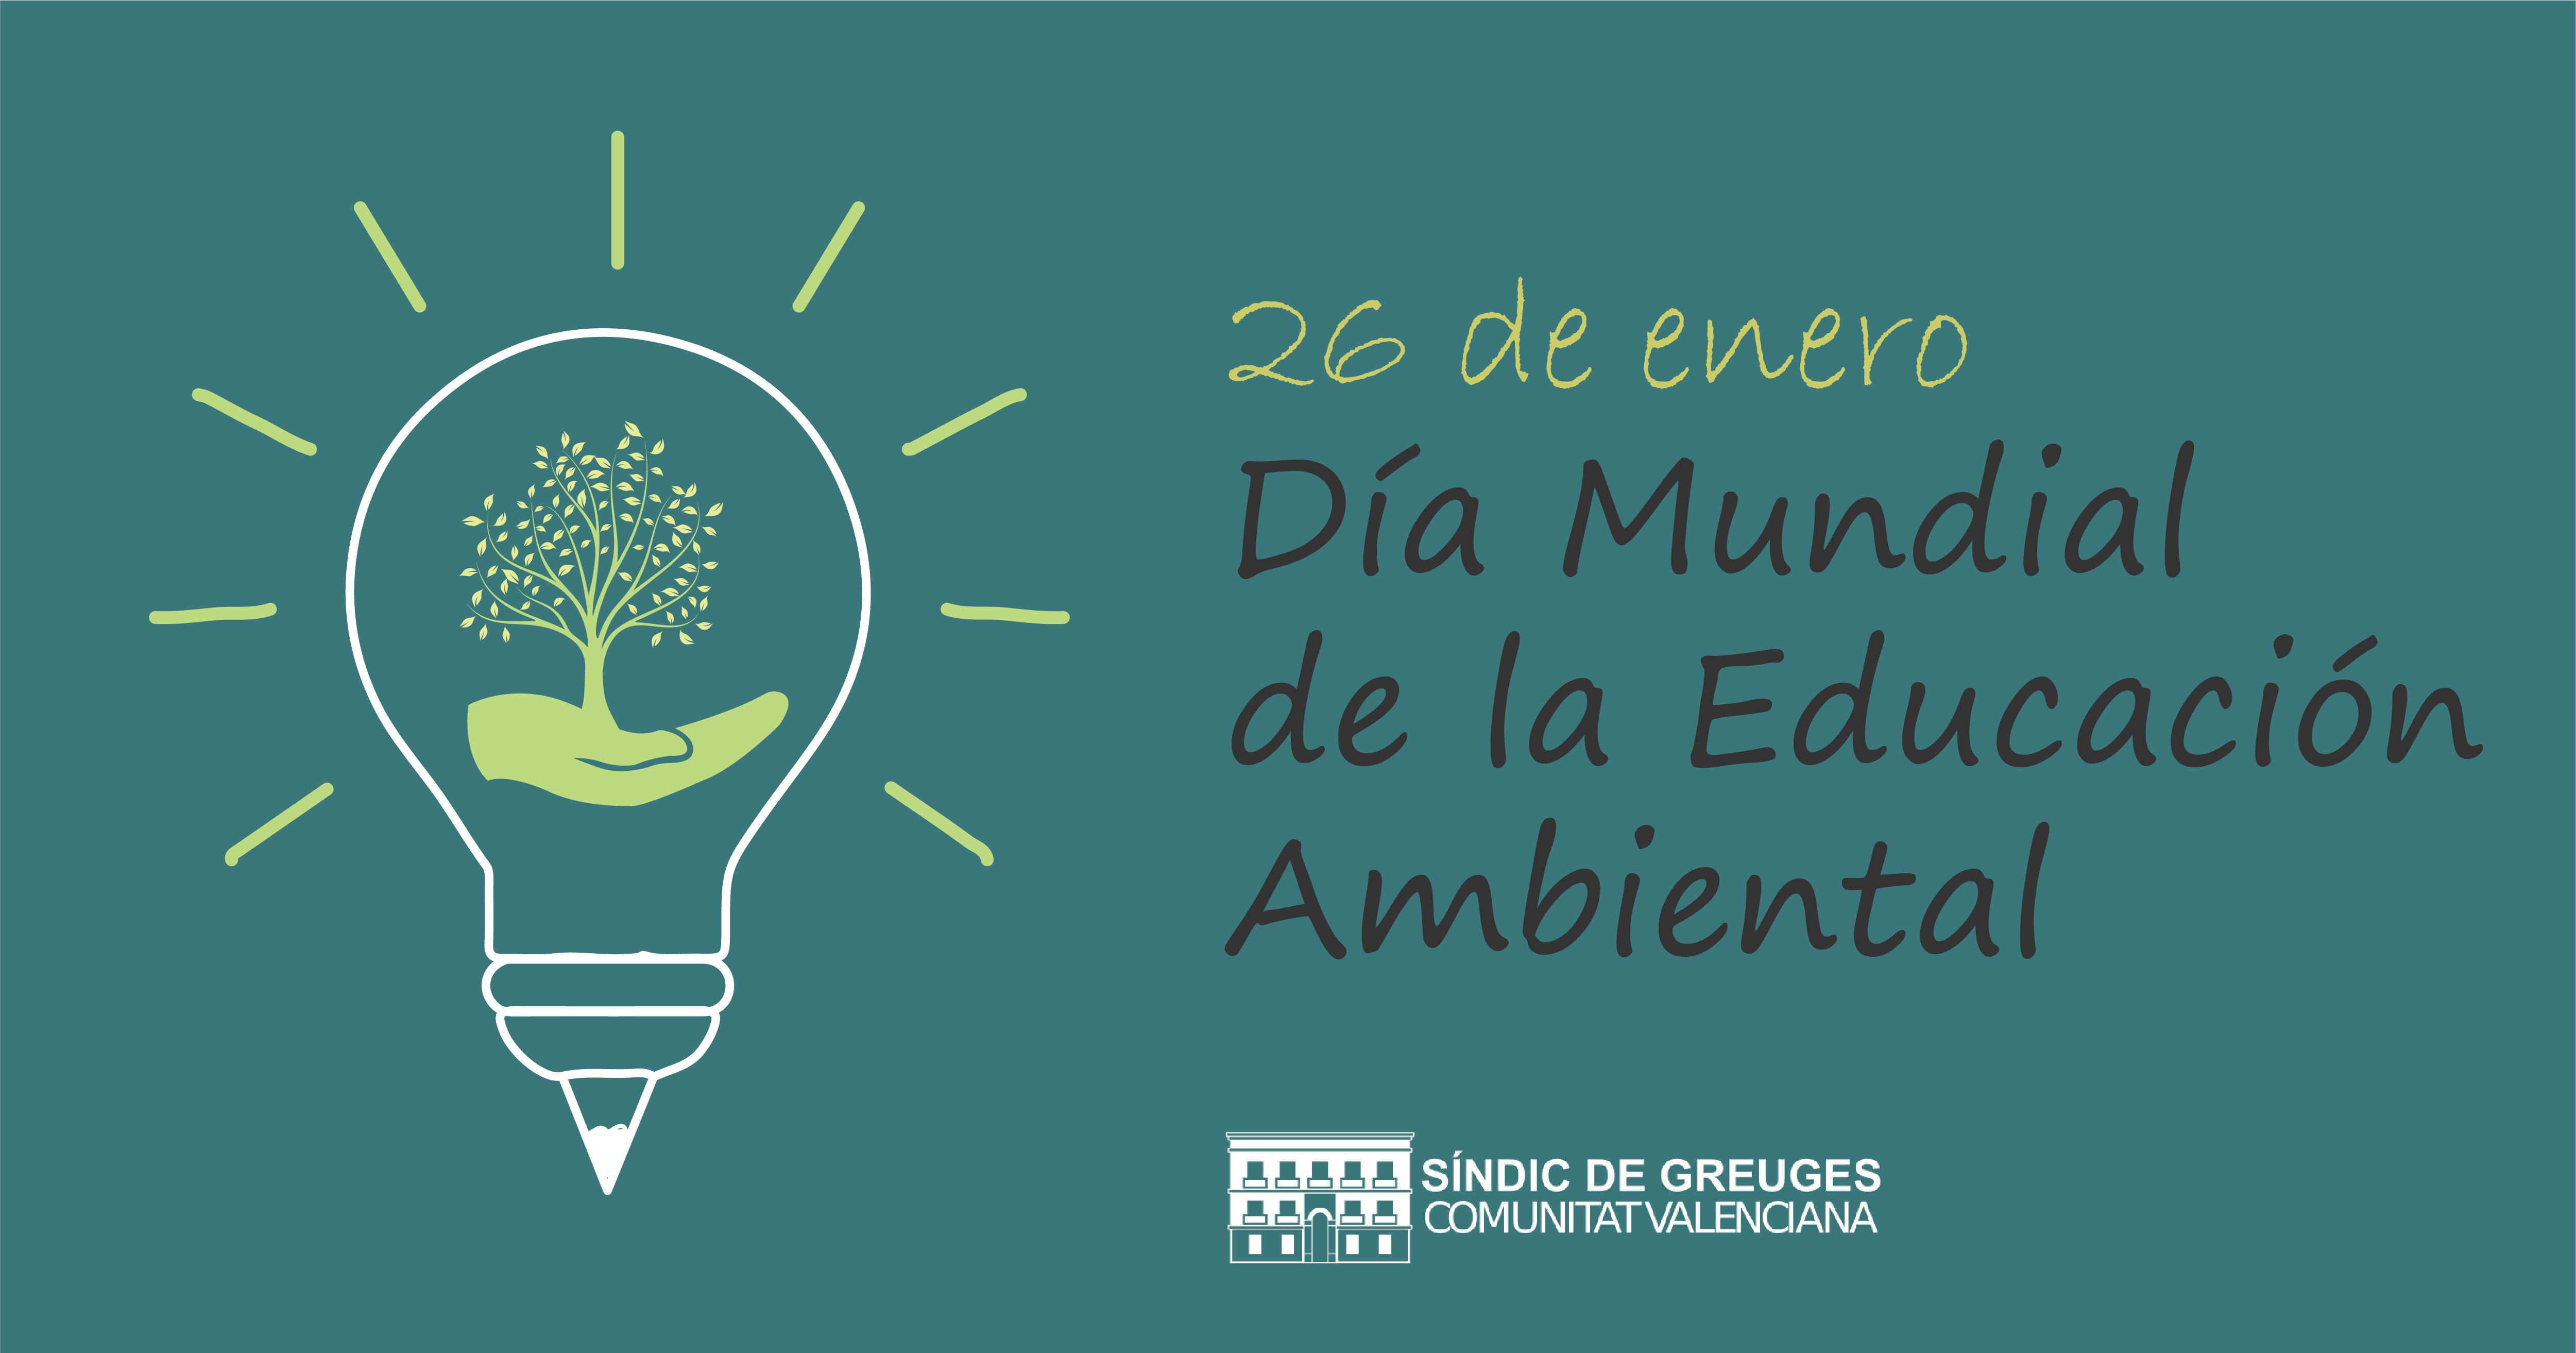 26 de enero. Día mundial de la educación ambiental